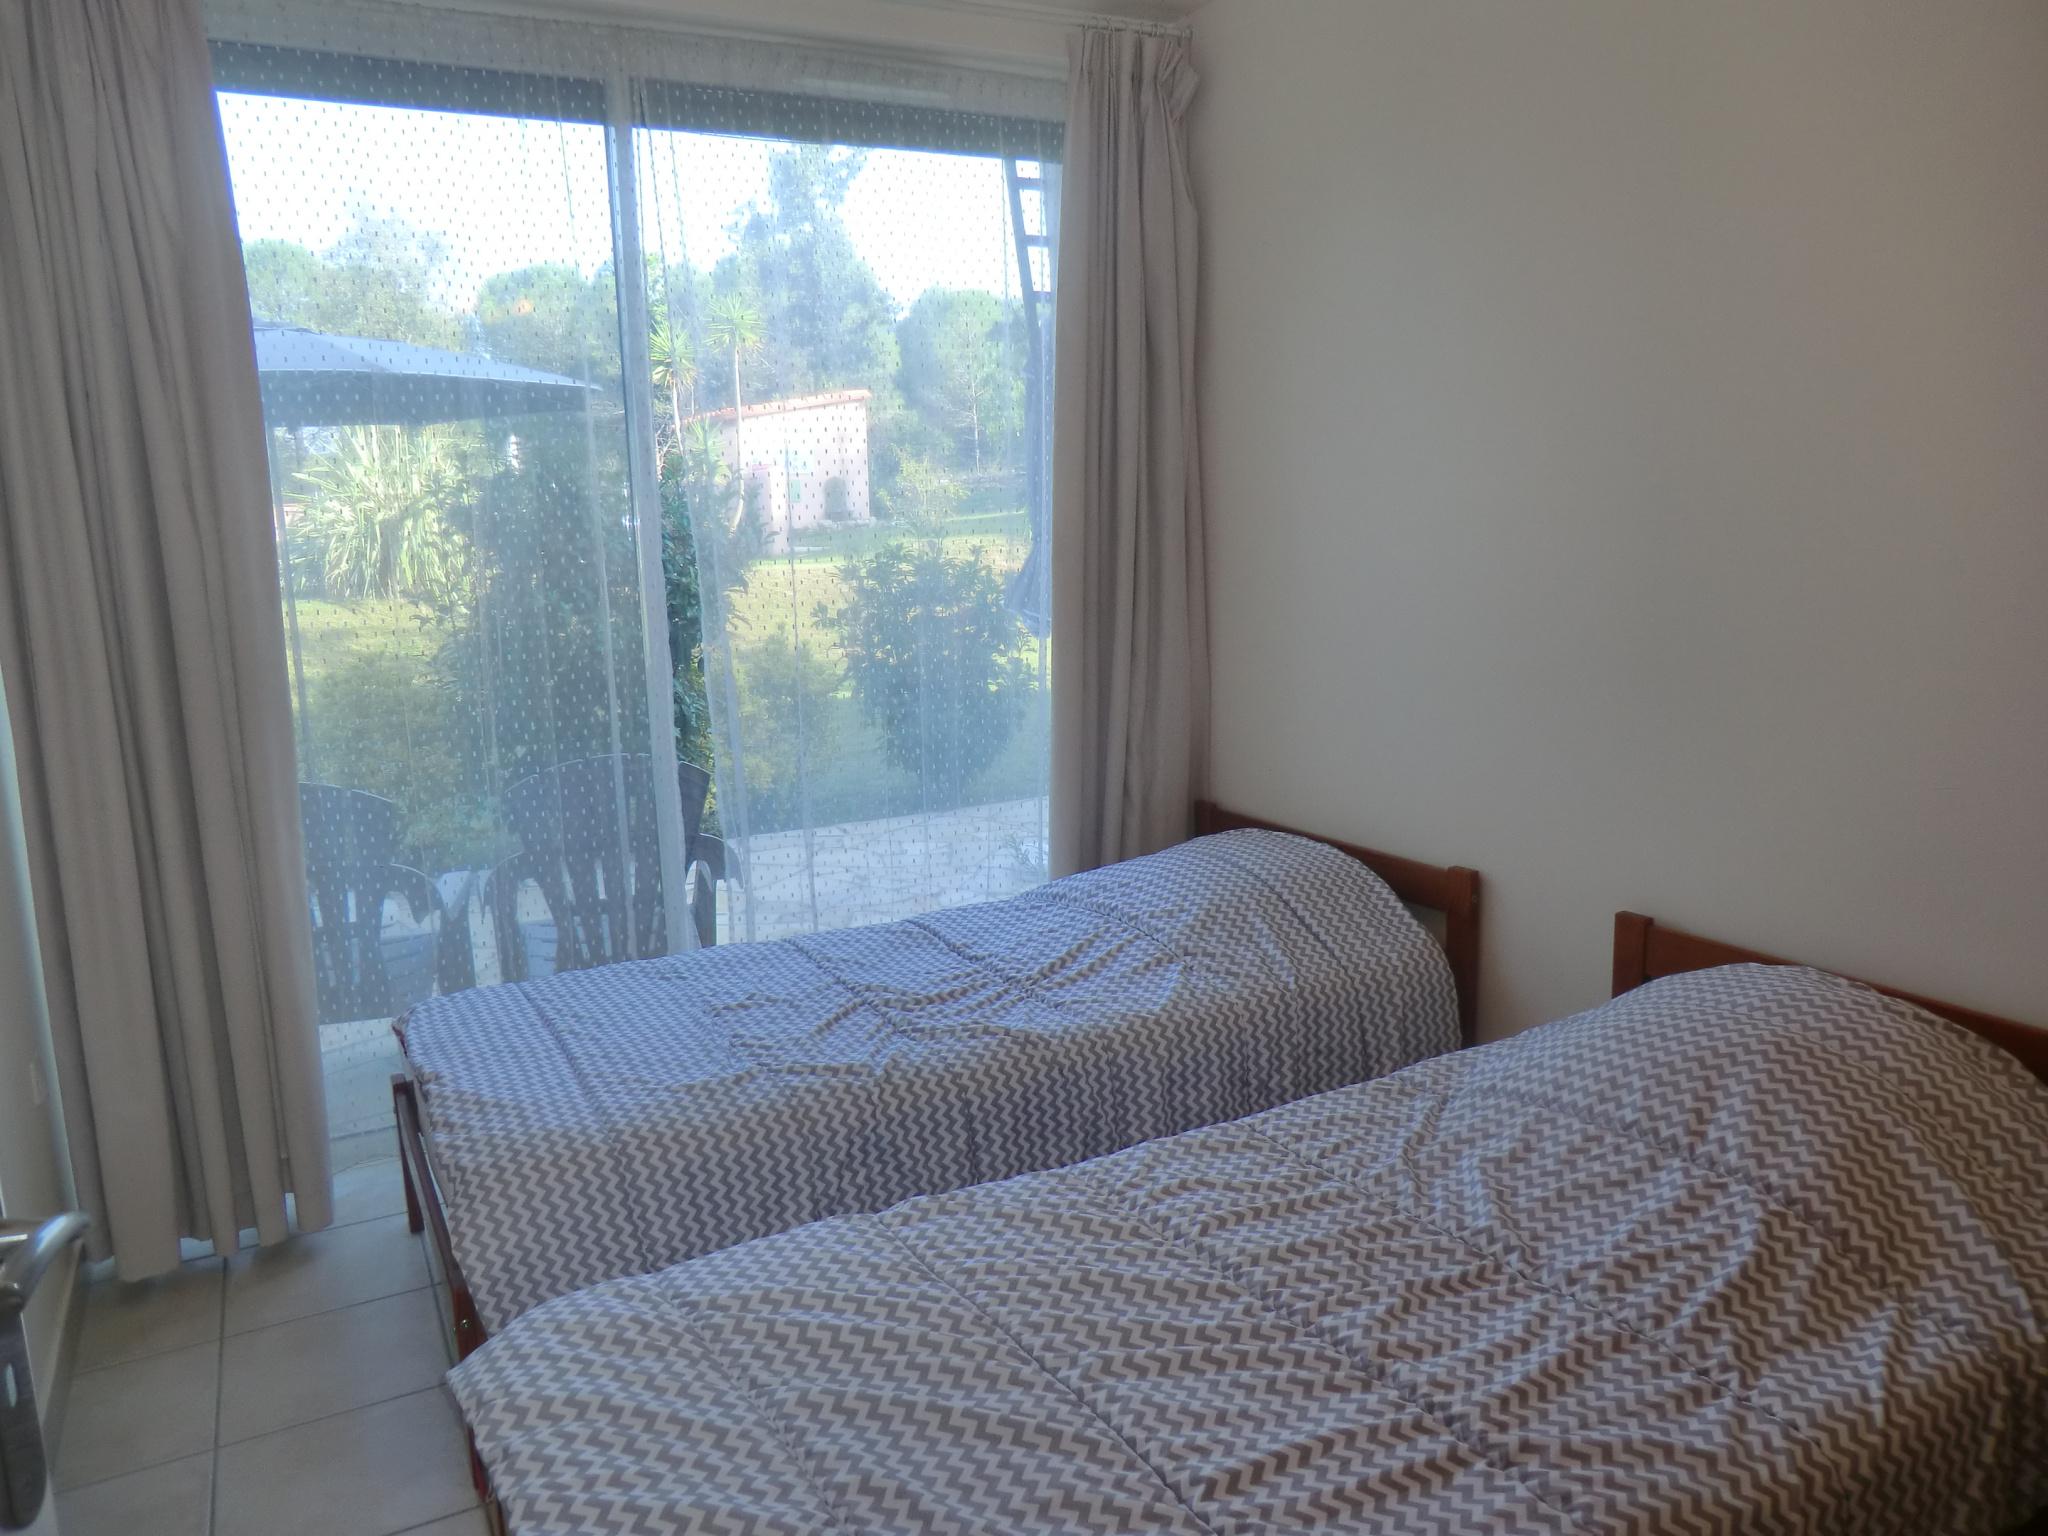 À vendre maison/villa de 500m2 à argeles sur mer (66700) - Photo 21'